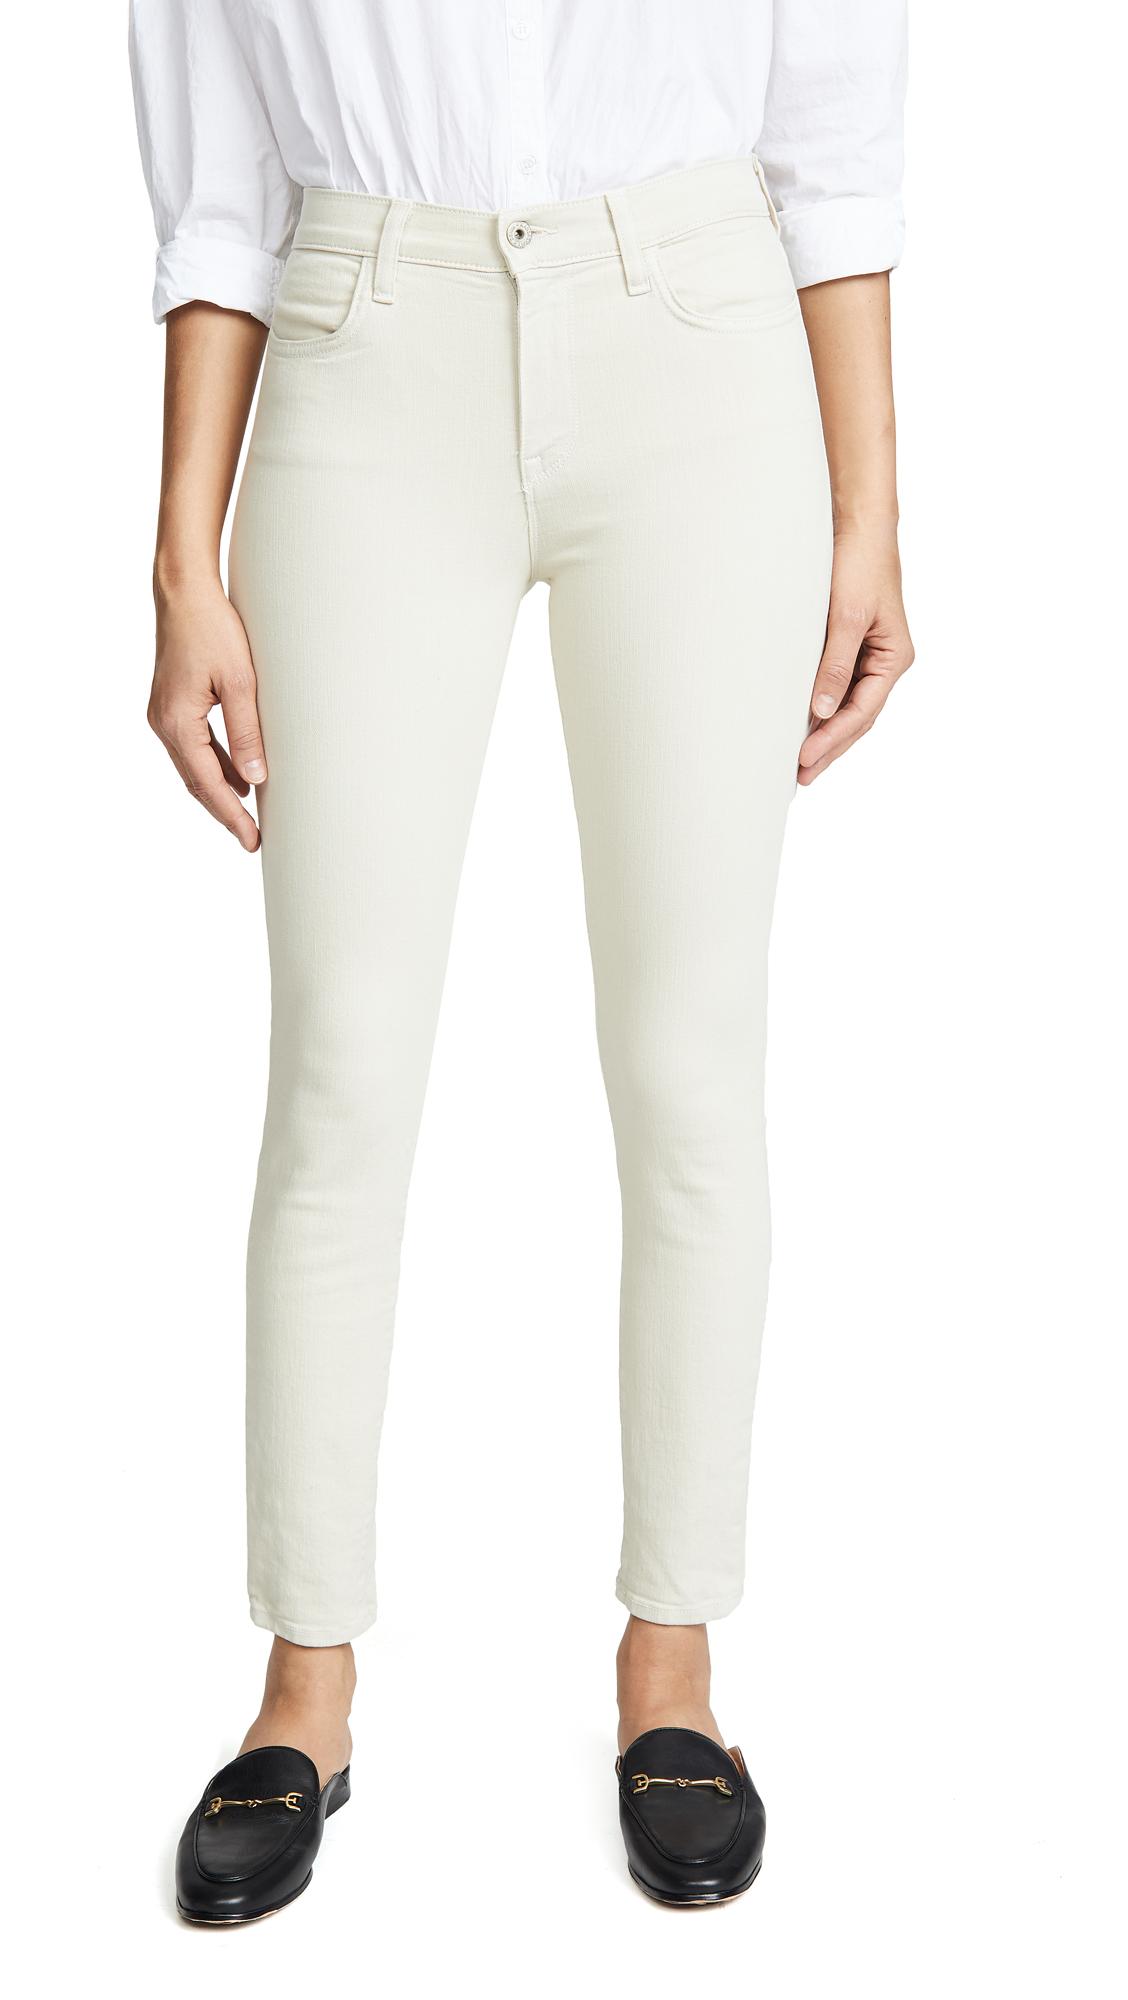 BALDWIN Karlie Jeans in Almond